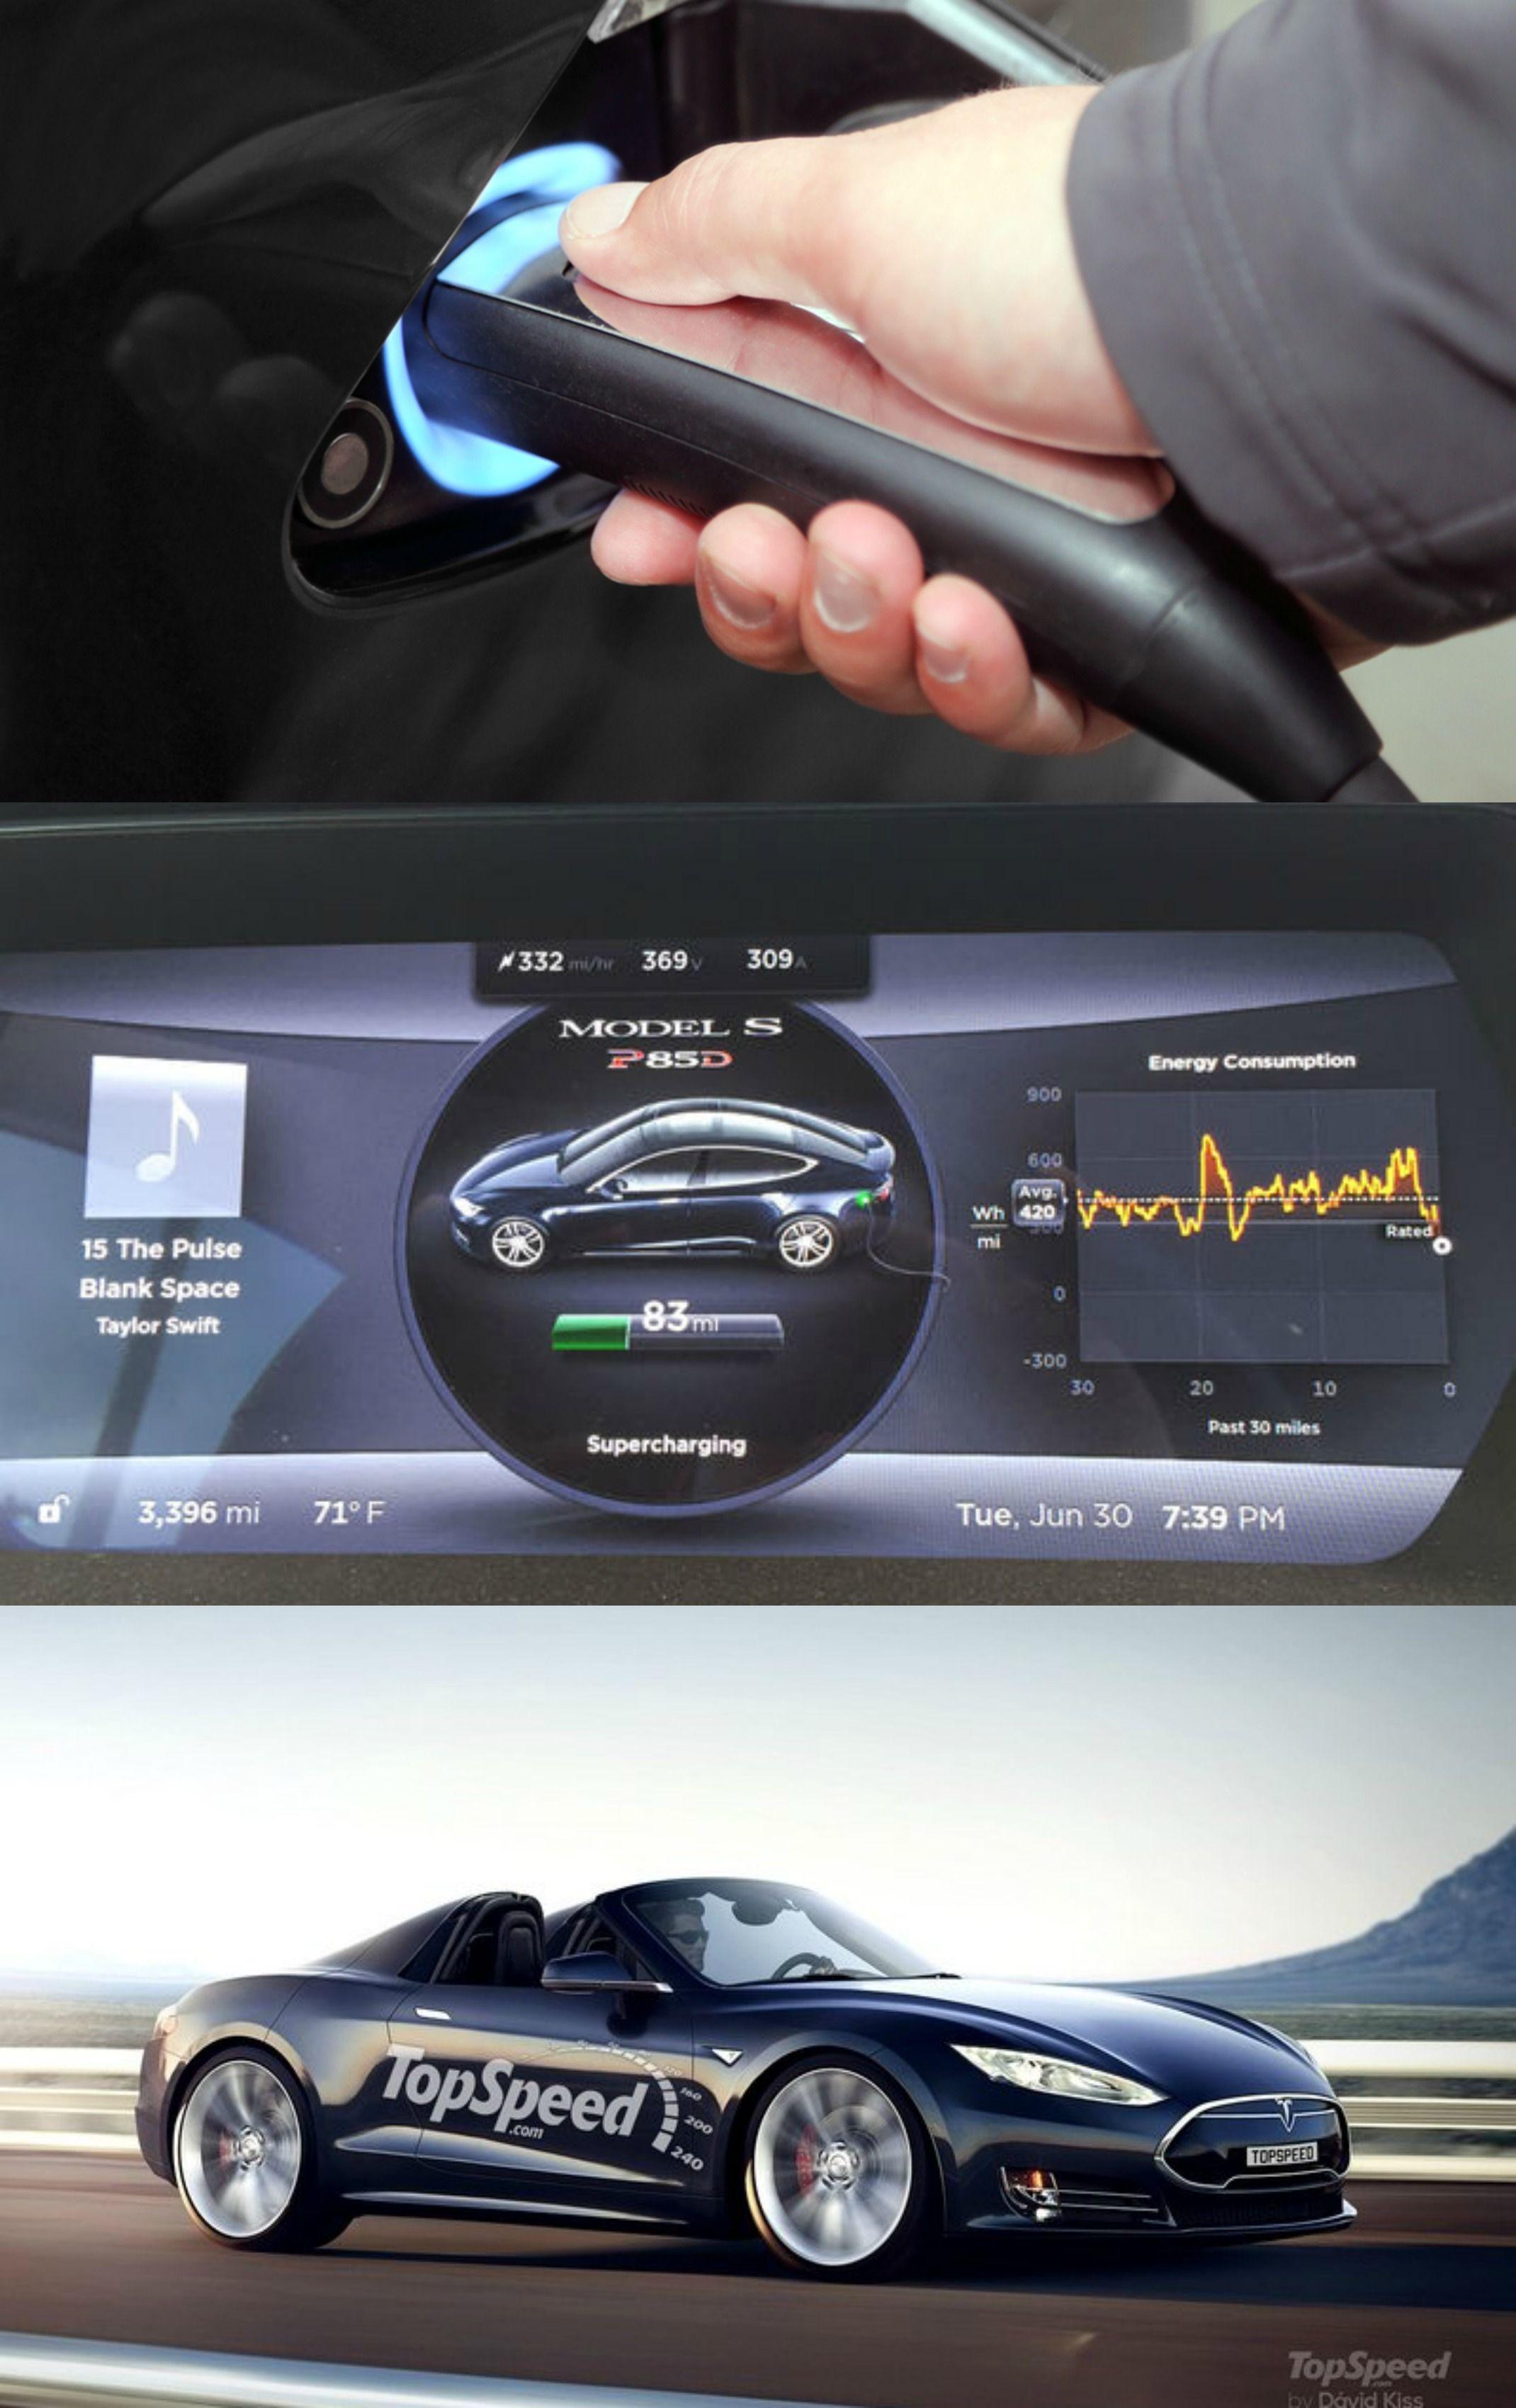 Charging speed | Luxury Car Lifestyle | Luxury lifestyle